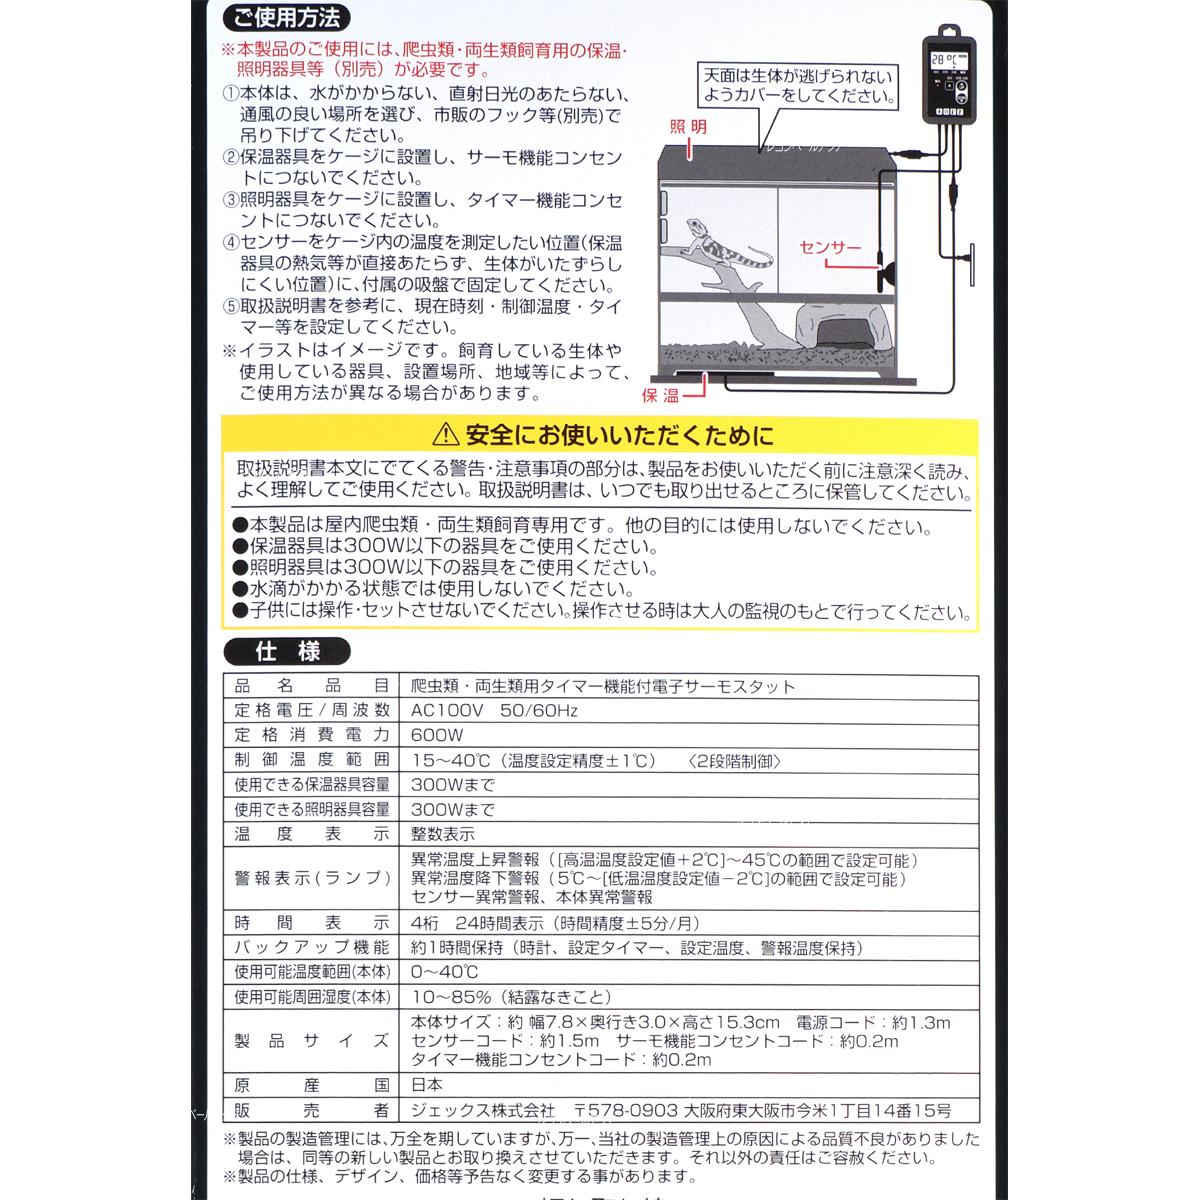 GEX タイマーサーモ RTT1 爬虫類サーモスタット【在庫有り】「2点まで」